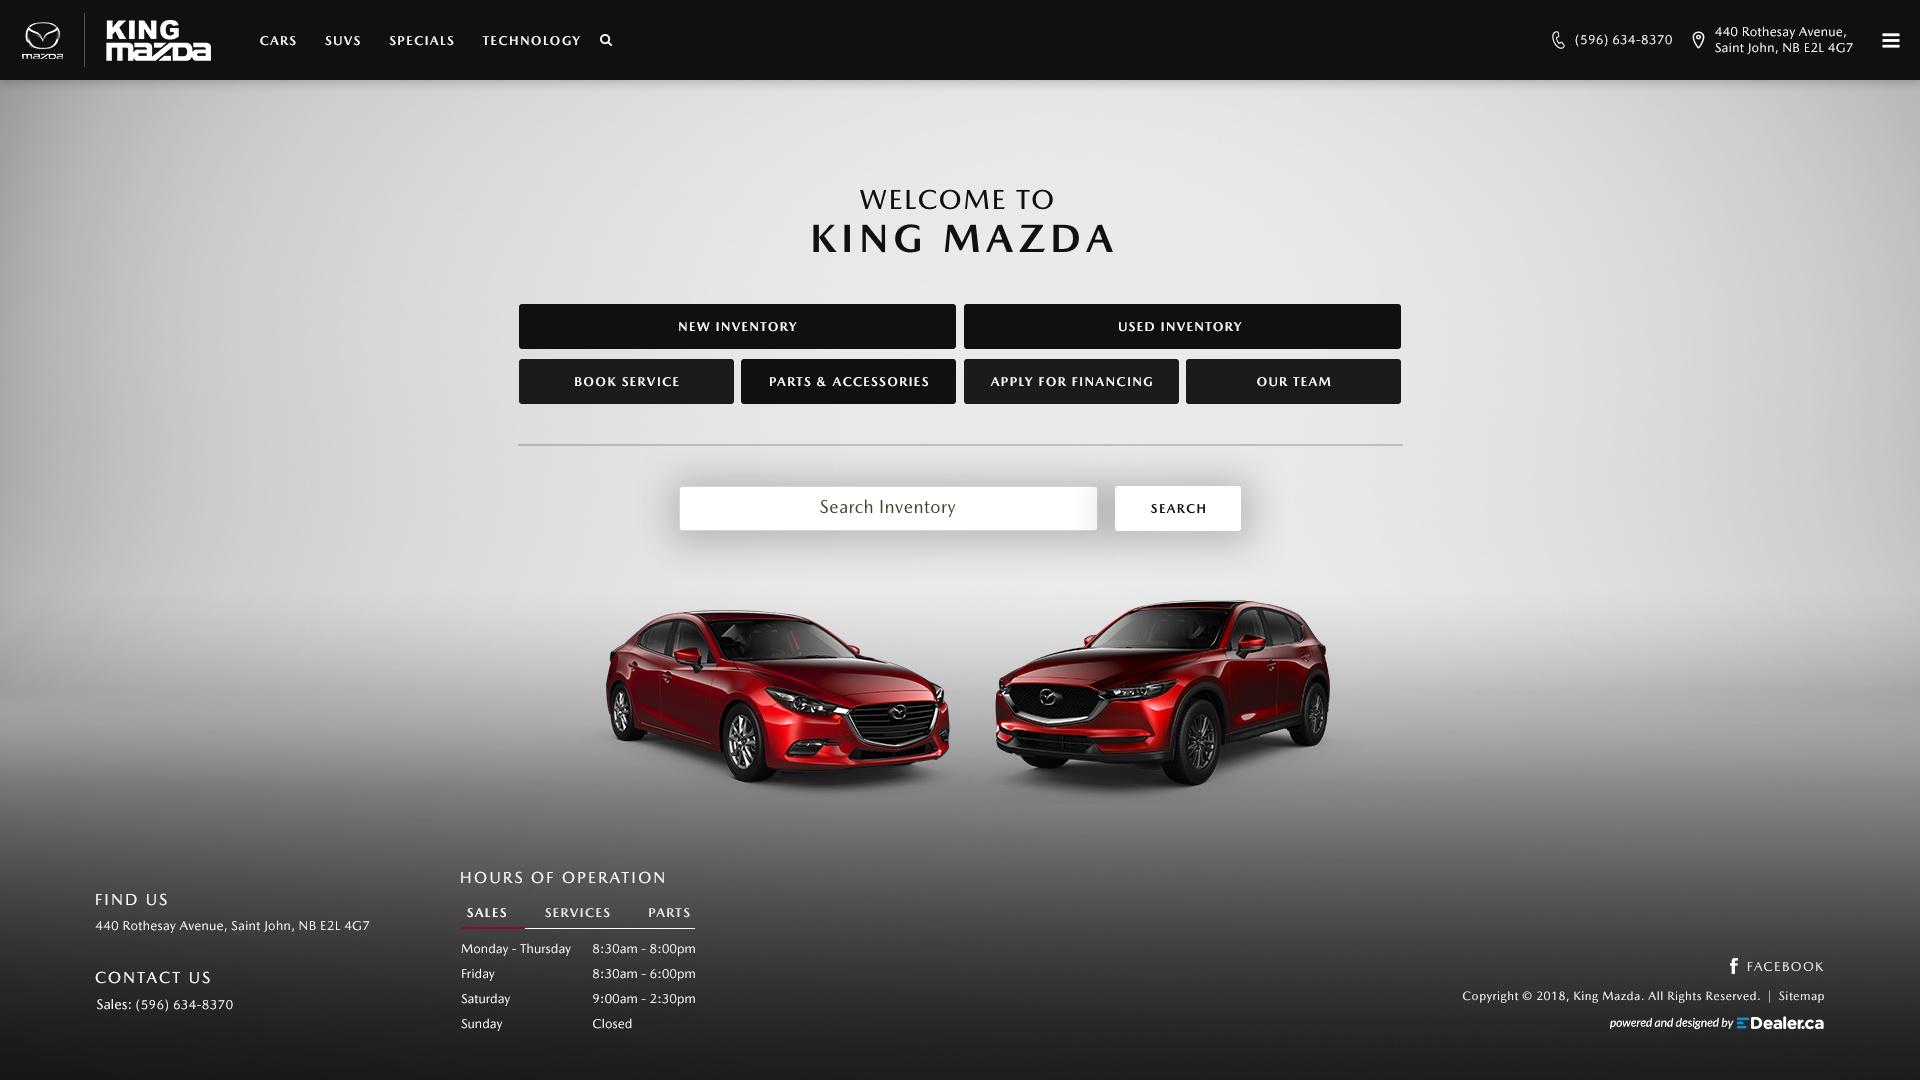 King Mazda